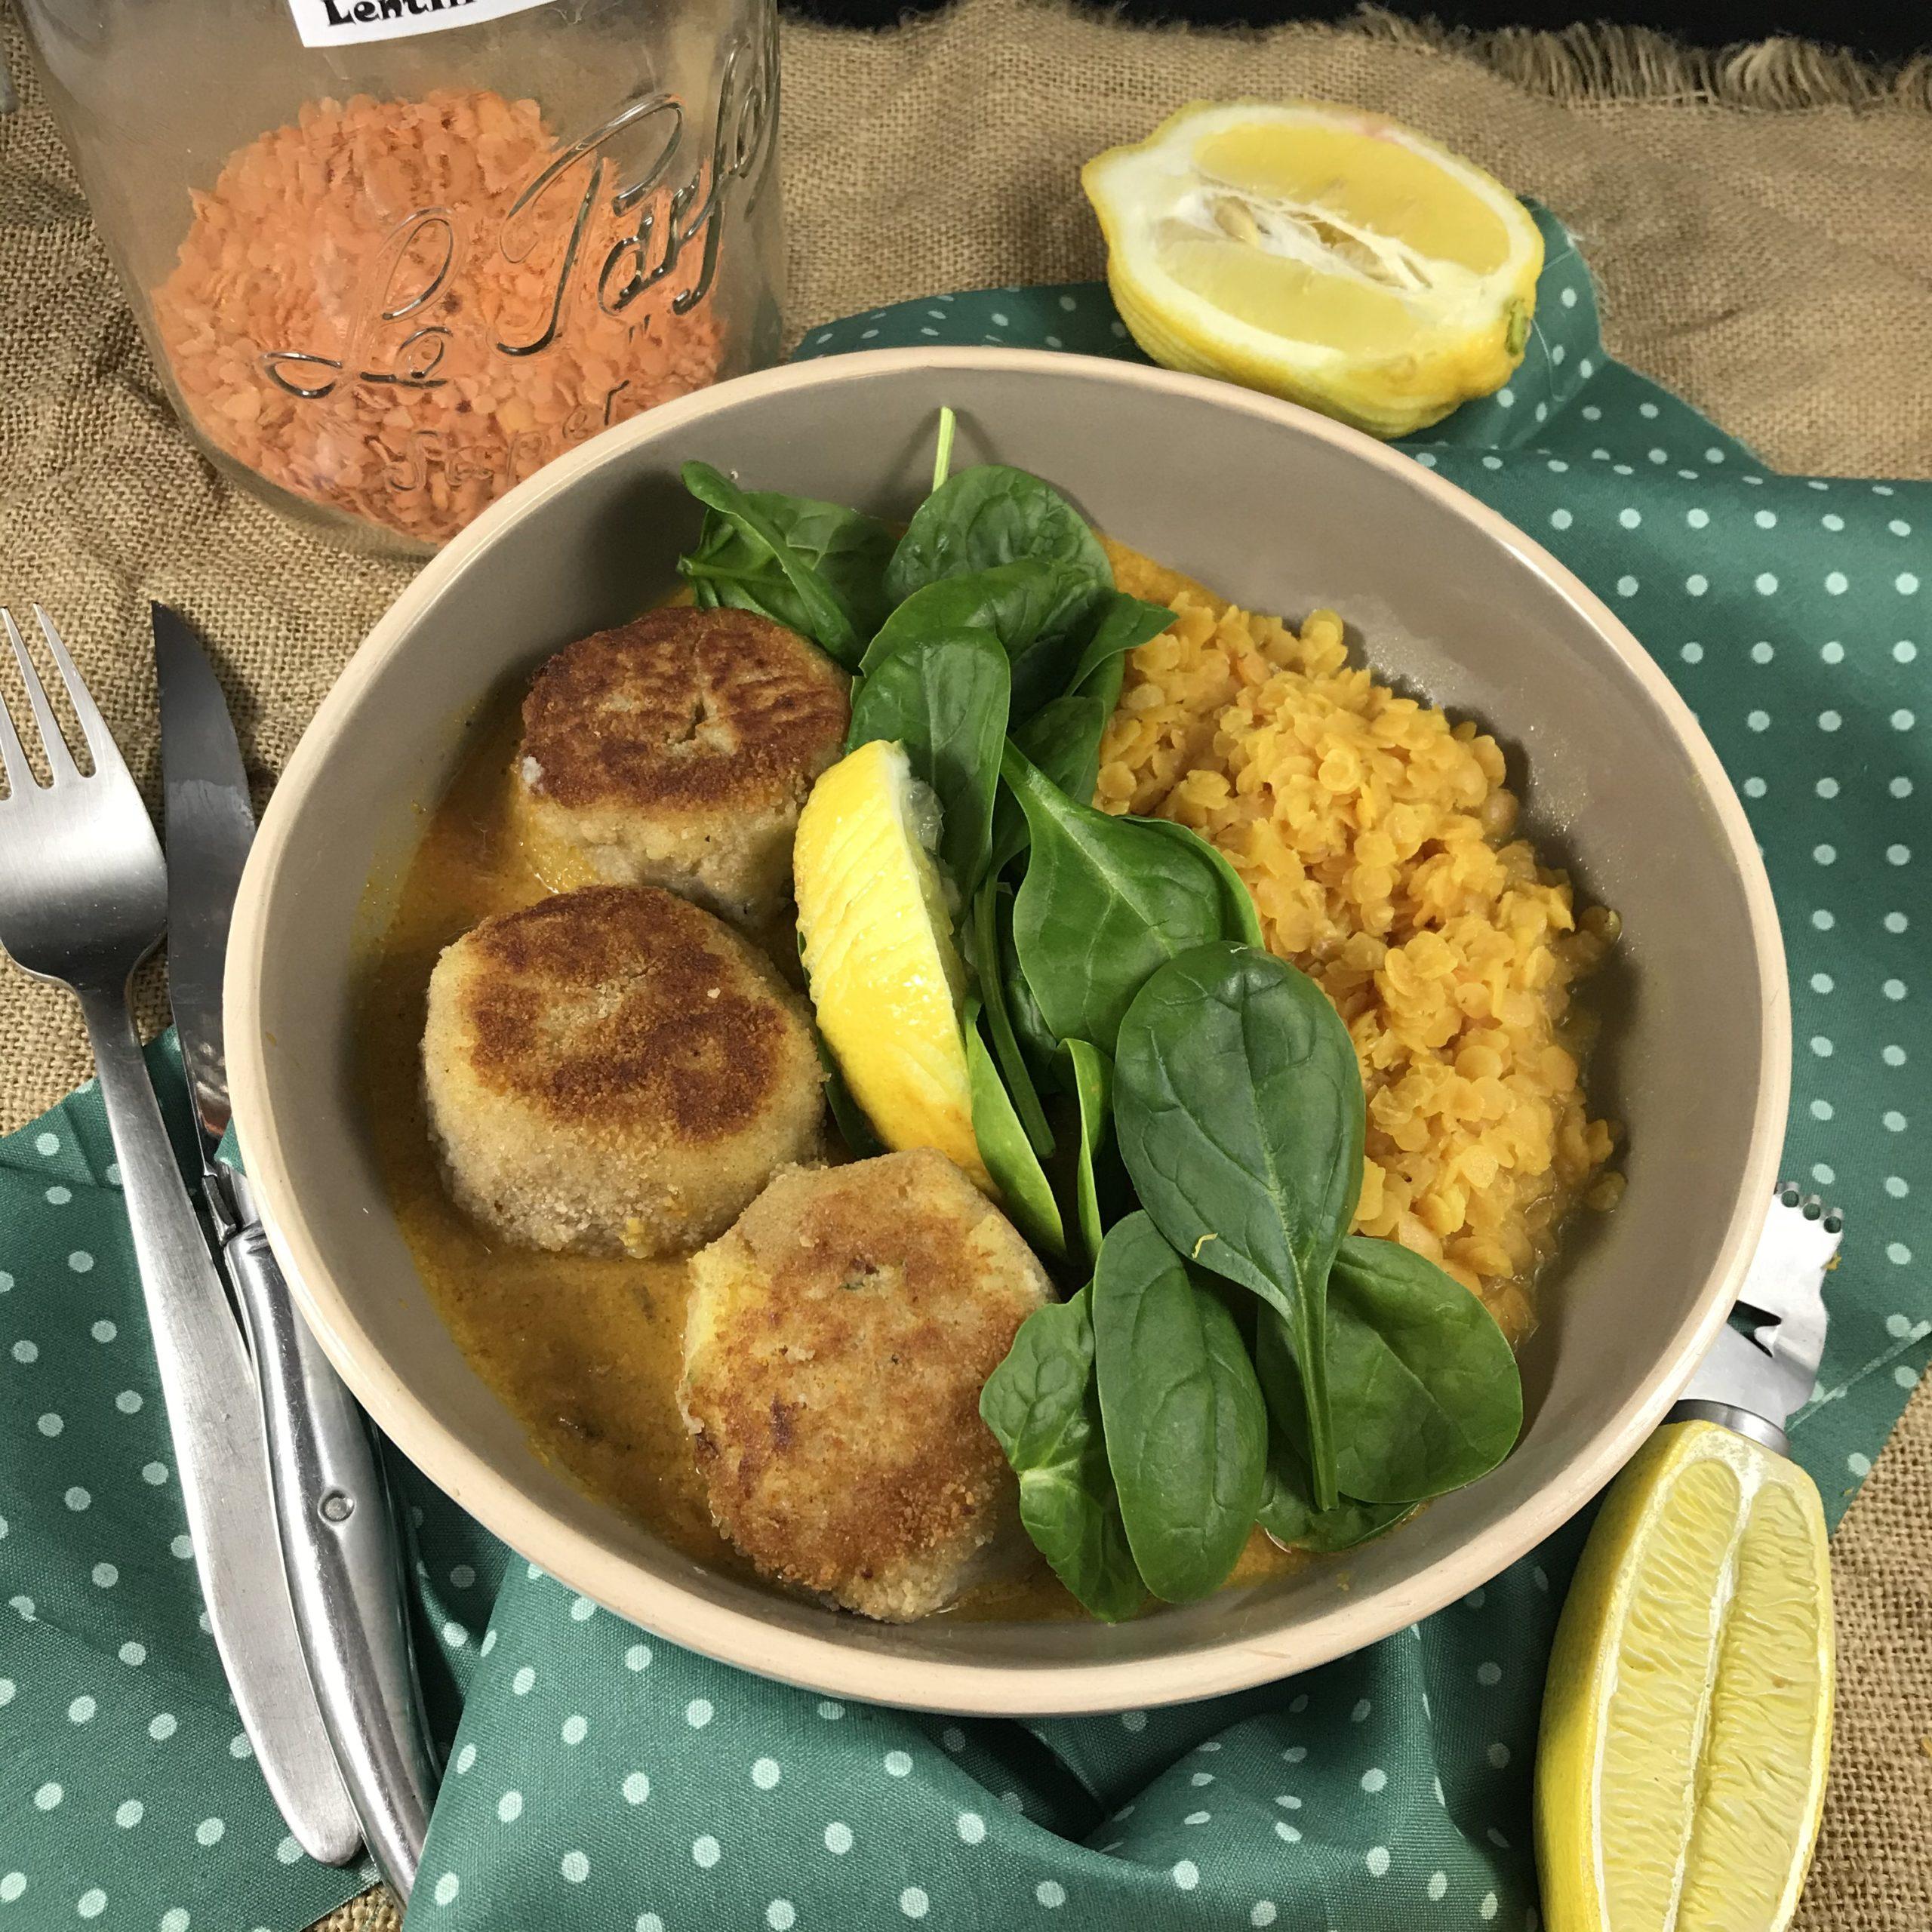 Boulettes de poisson sauce curry coco lentilles et épinards frais